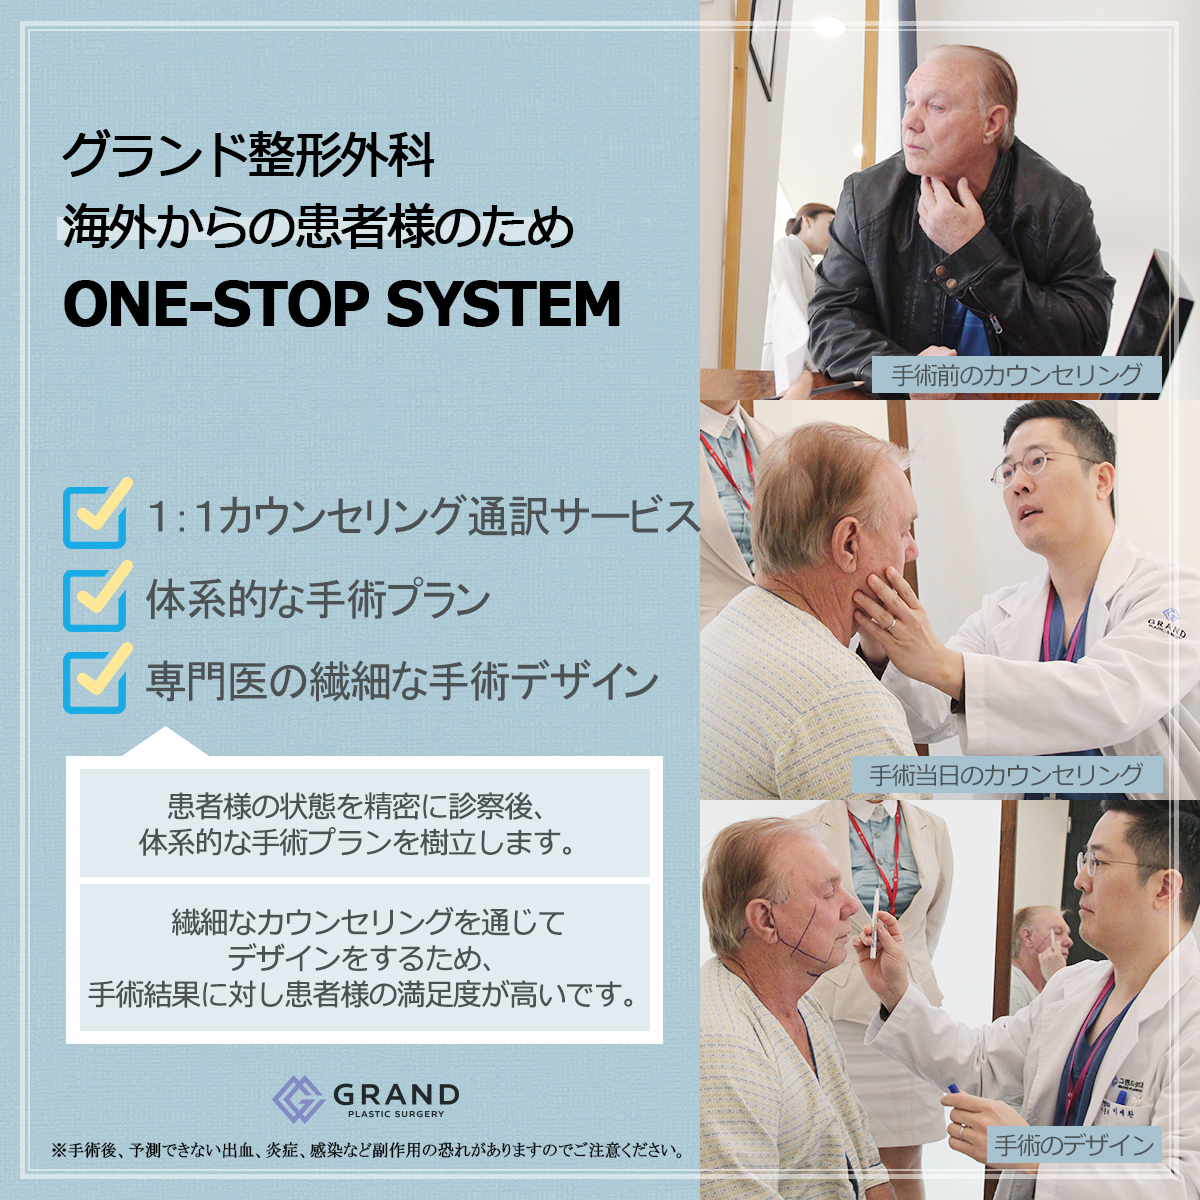 海外からの患者様のためにグランドはワンストップシステムを備えています💕😻韓国グランド美容整形外科では🐈.🍁患者様の安全と美しさを最優先とする手術.🍁各部位の専門執刀医が常駐.🍁日本語スタップが常駐.💟ラインカウンセリング: grandplasticsurgery💟HP: